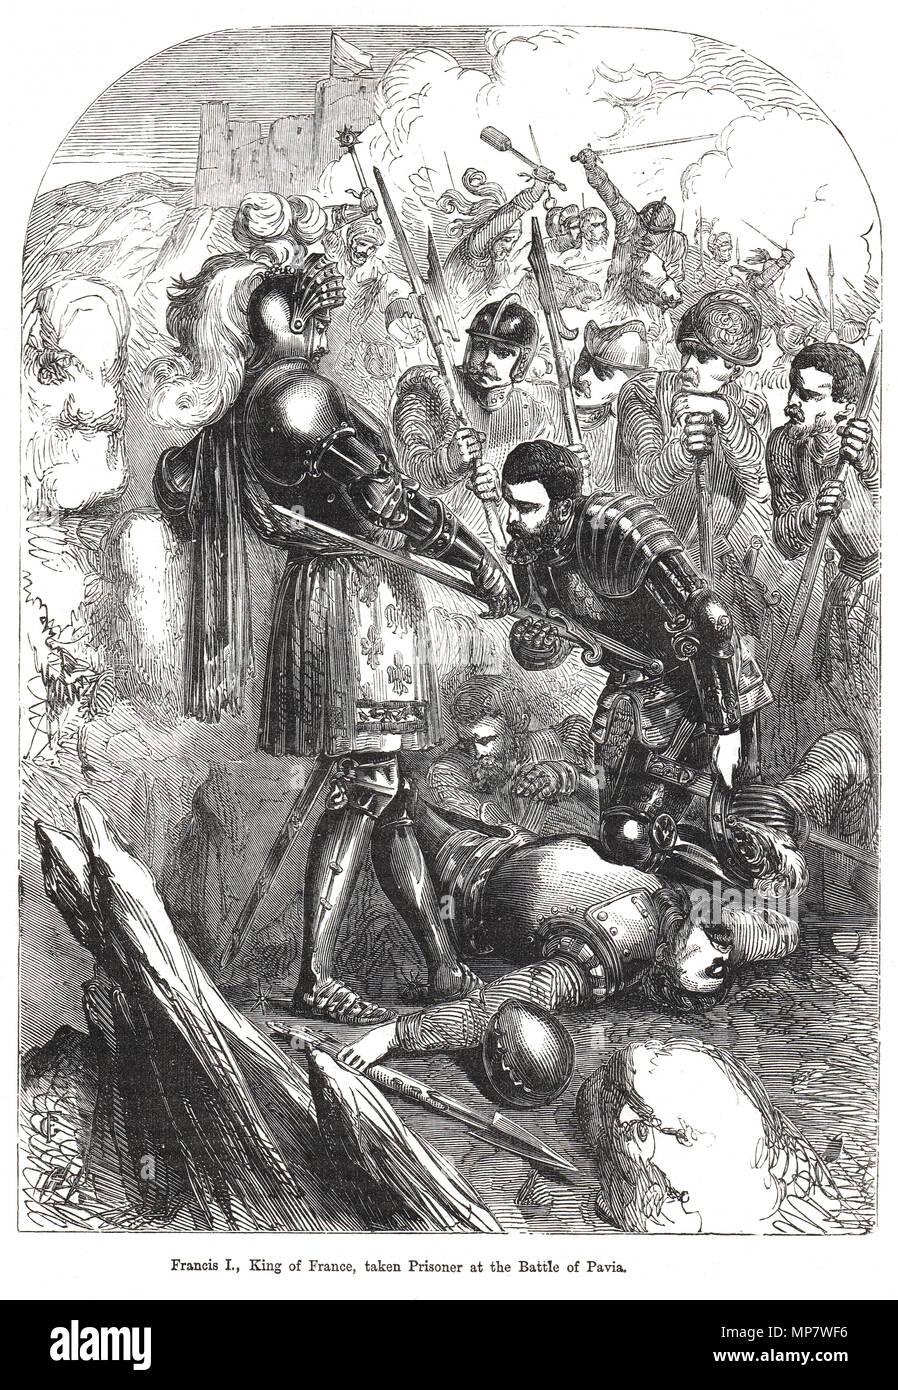 Die Erfassung von Franz I., König von Frankreich, gefangen in der Schlacht von Pavia, 24. Februar 1525 Stockbild